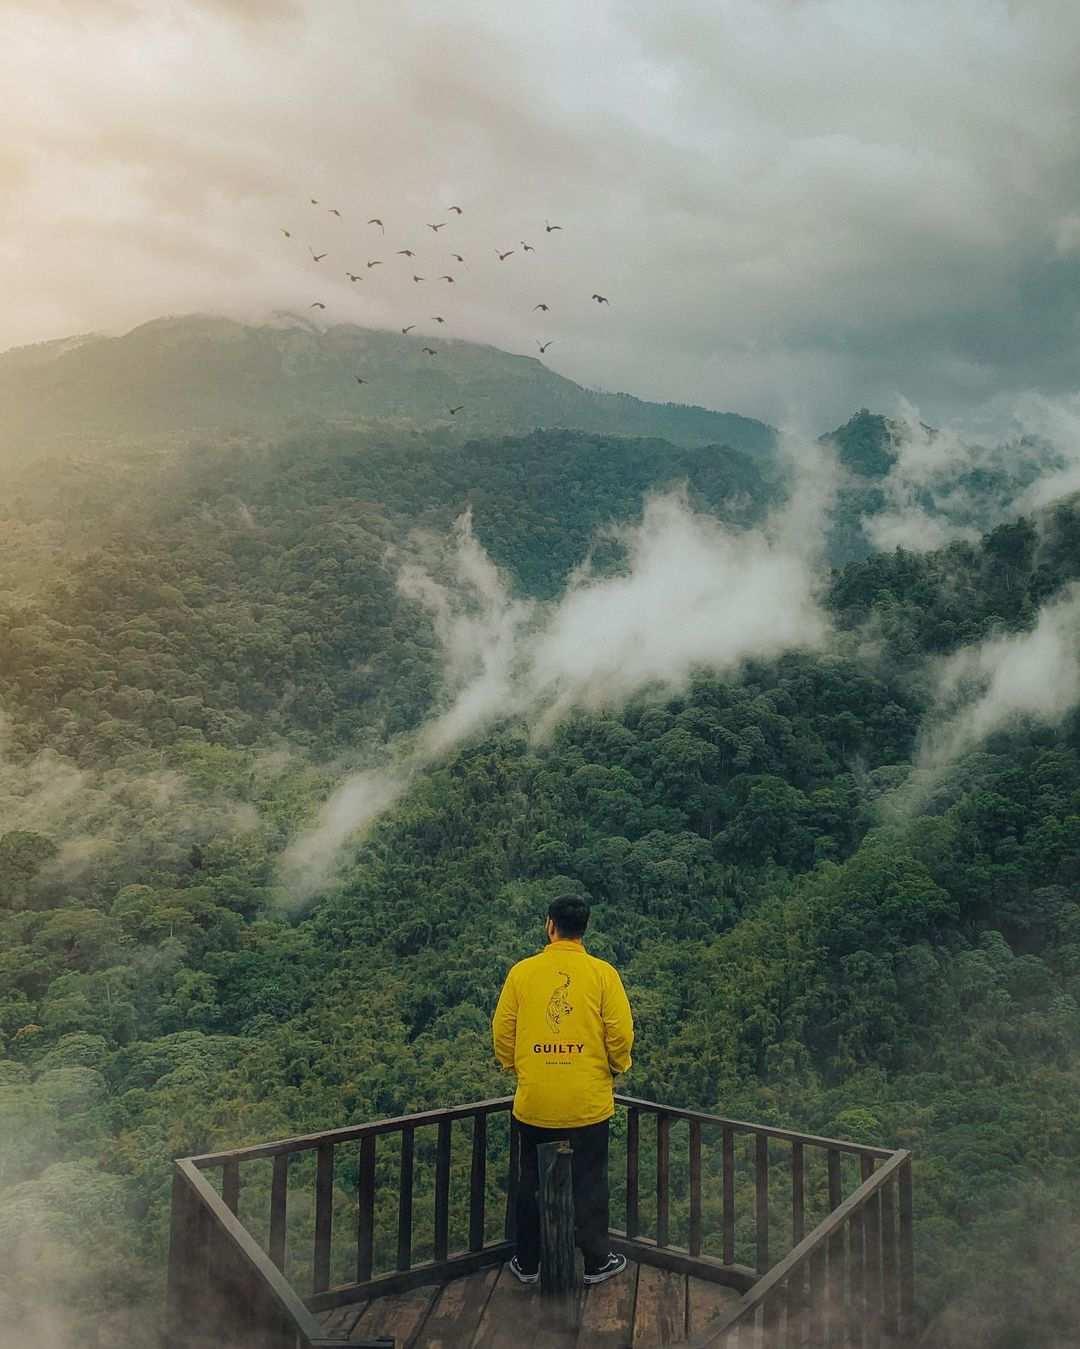 Spot Foto Gardu Pandang di Wisata Panorama Petung Sewu Image From @ordipras